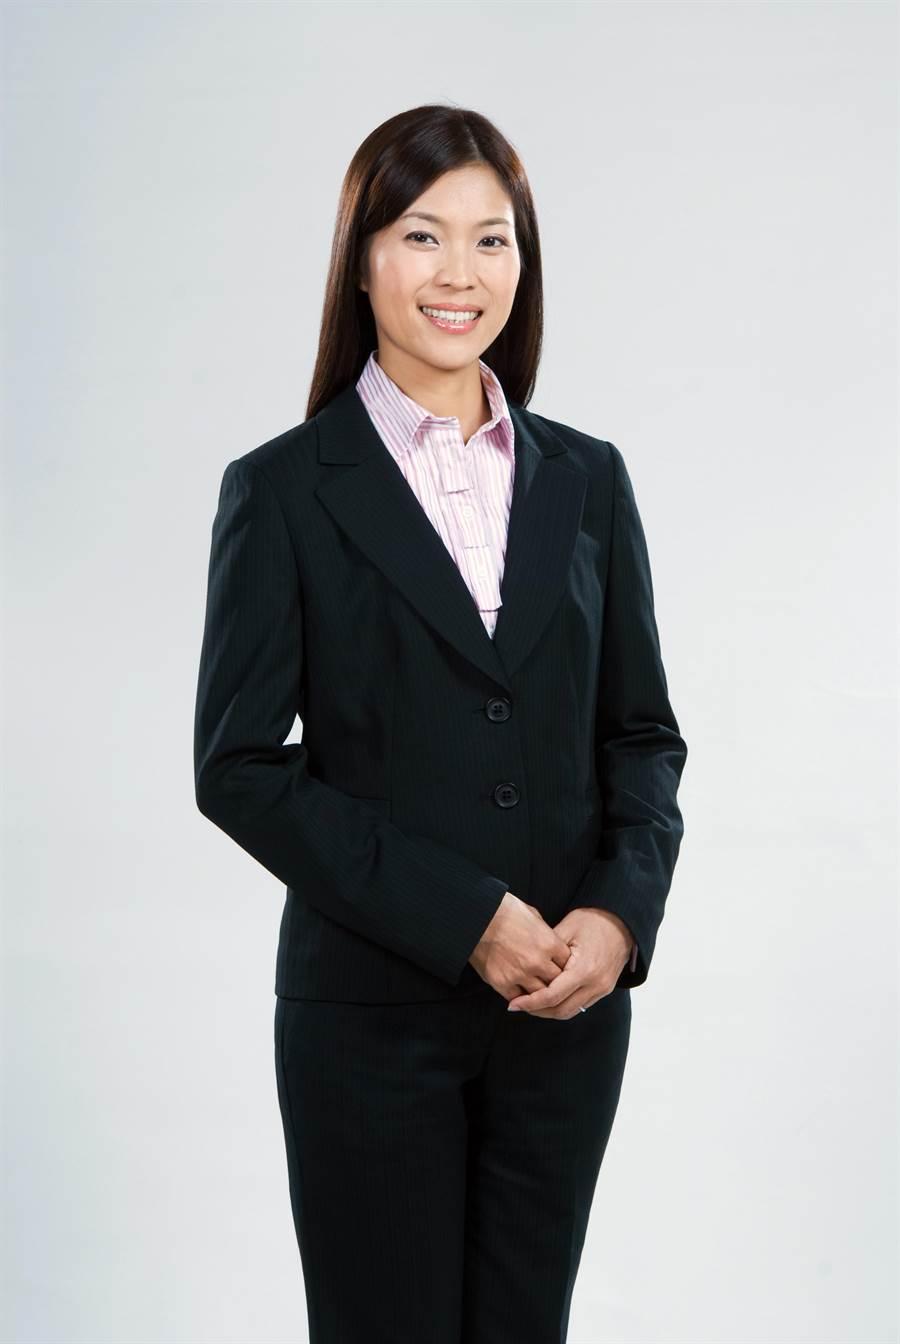 譯員陳秀寶是美女議員,認真為民喉舌。(吳敏菁翻攝)